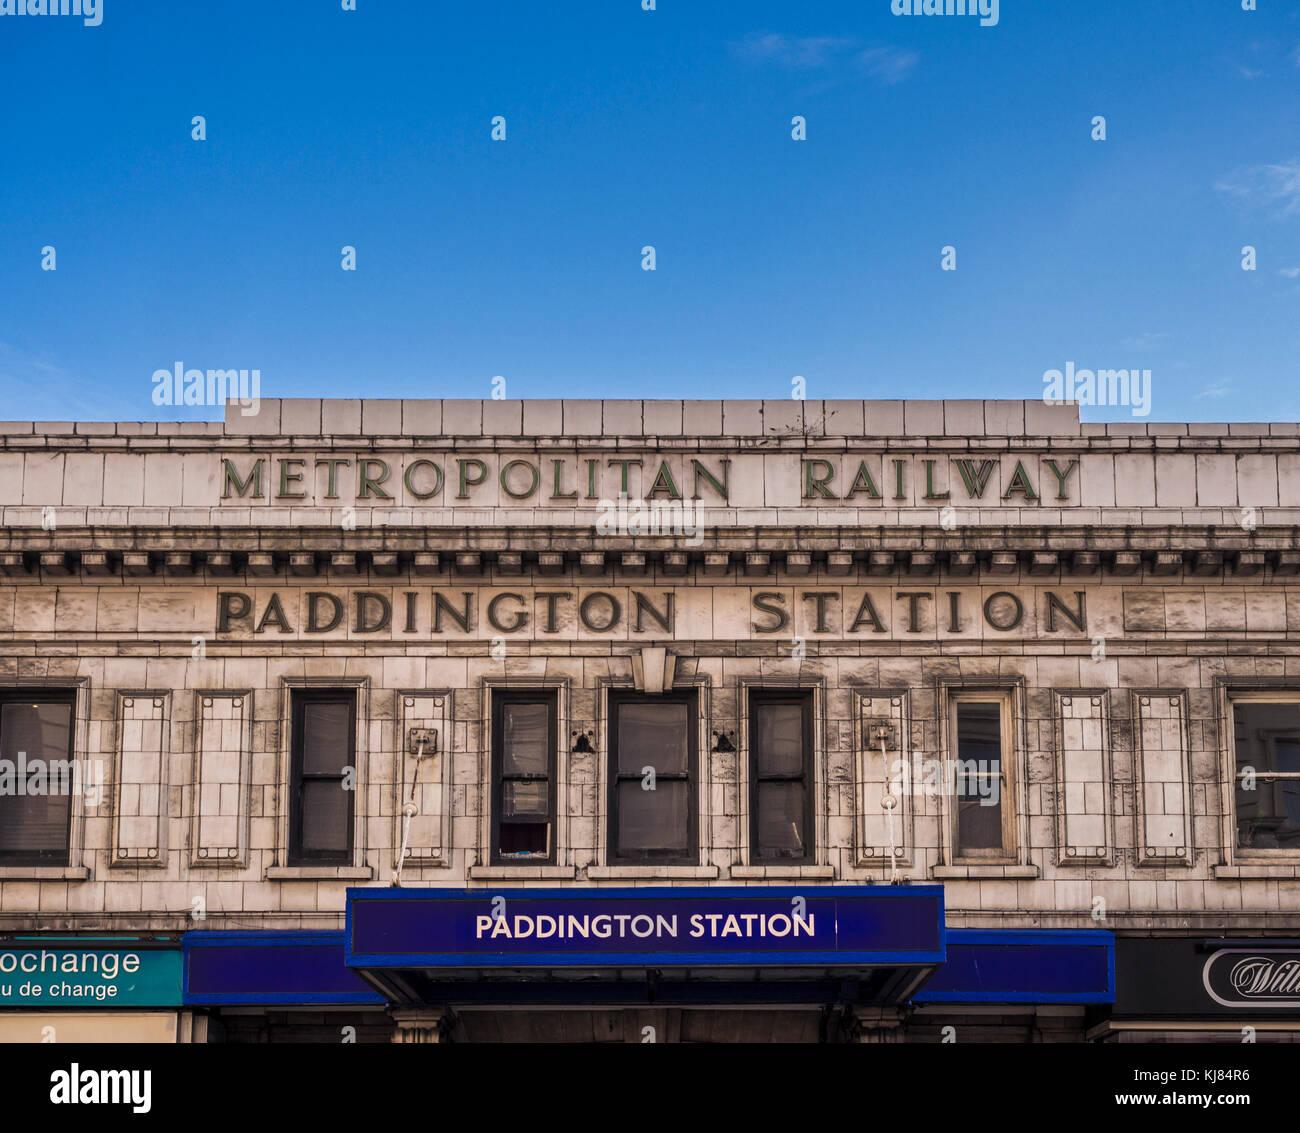 Paddington underground station entrance, London, UK. - Stock Image